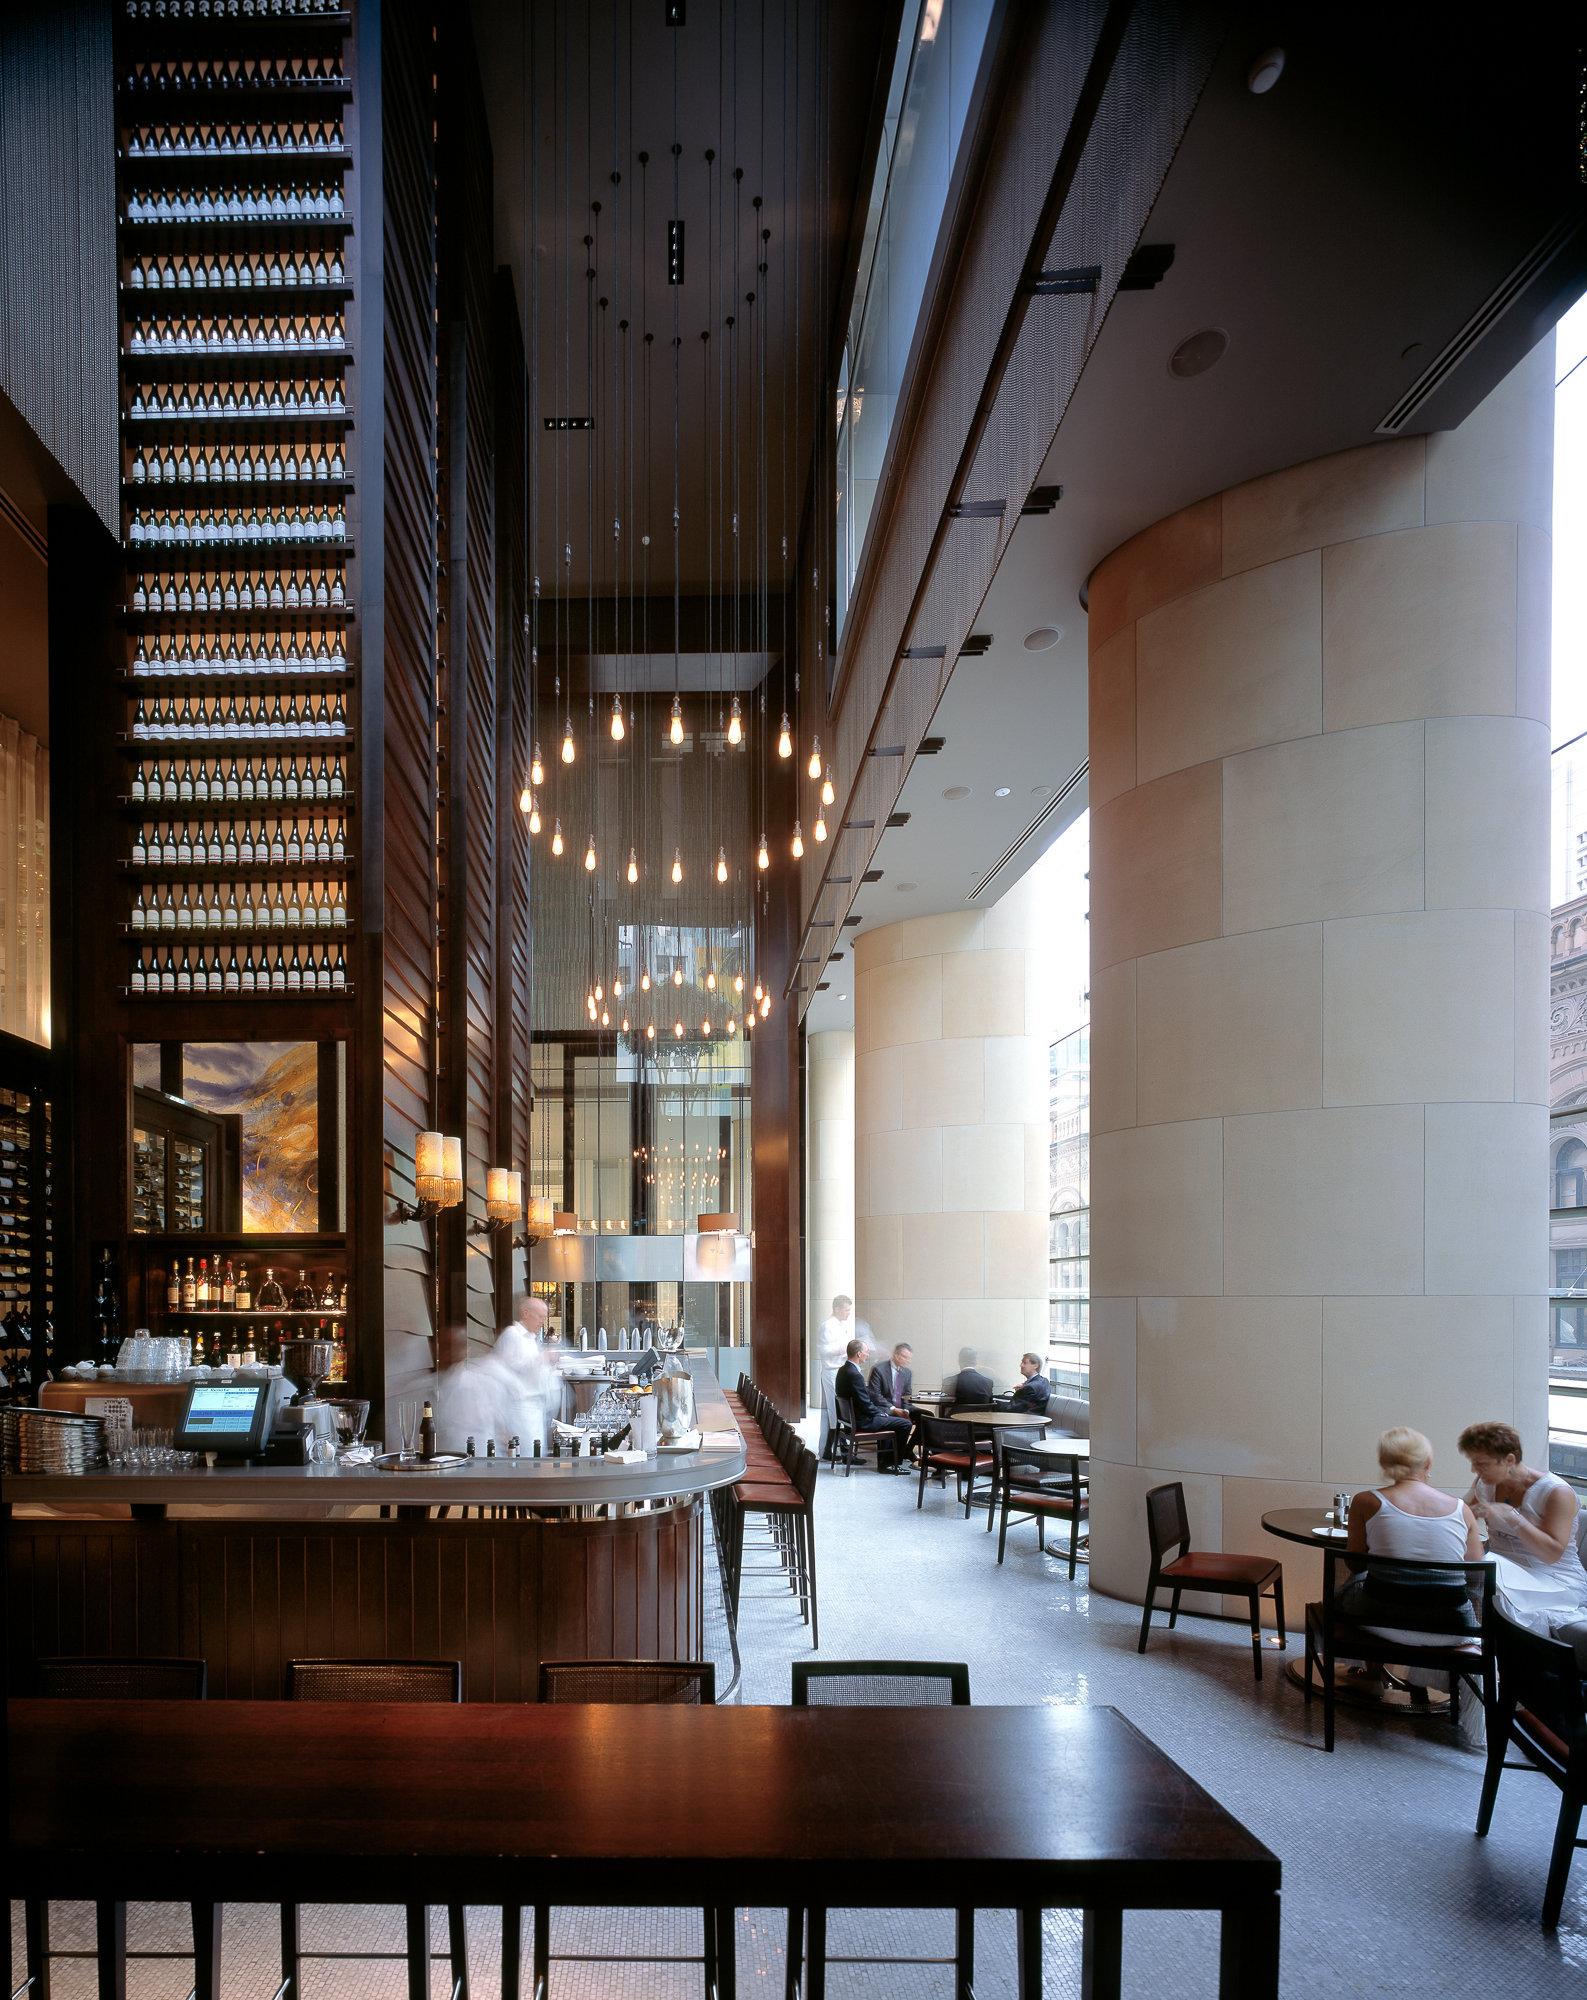 Glass Restaurant, Hilton Hotel, Sydney